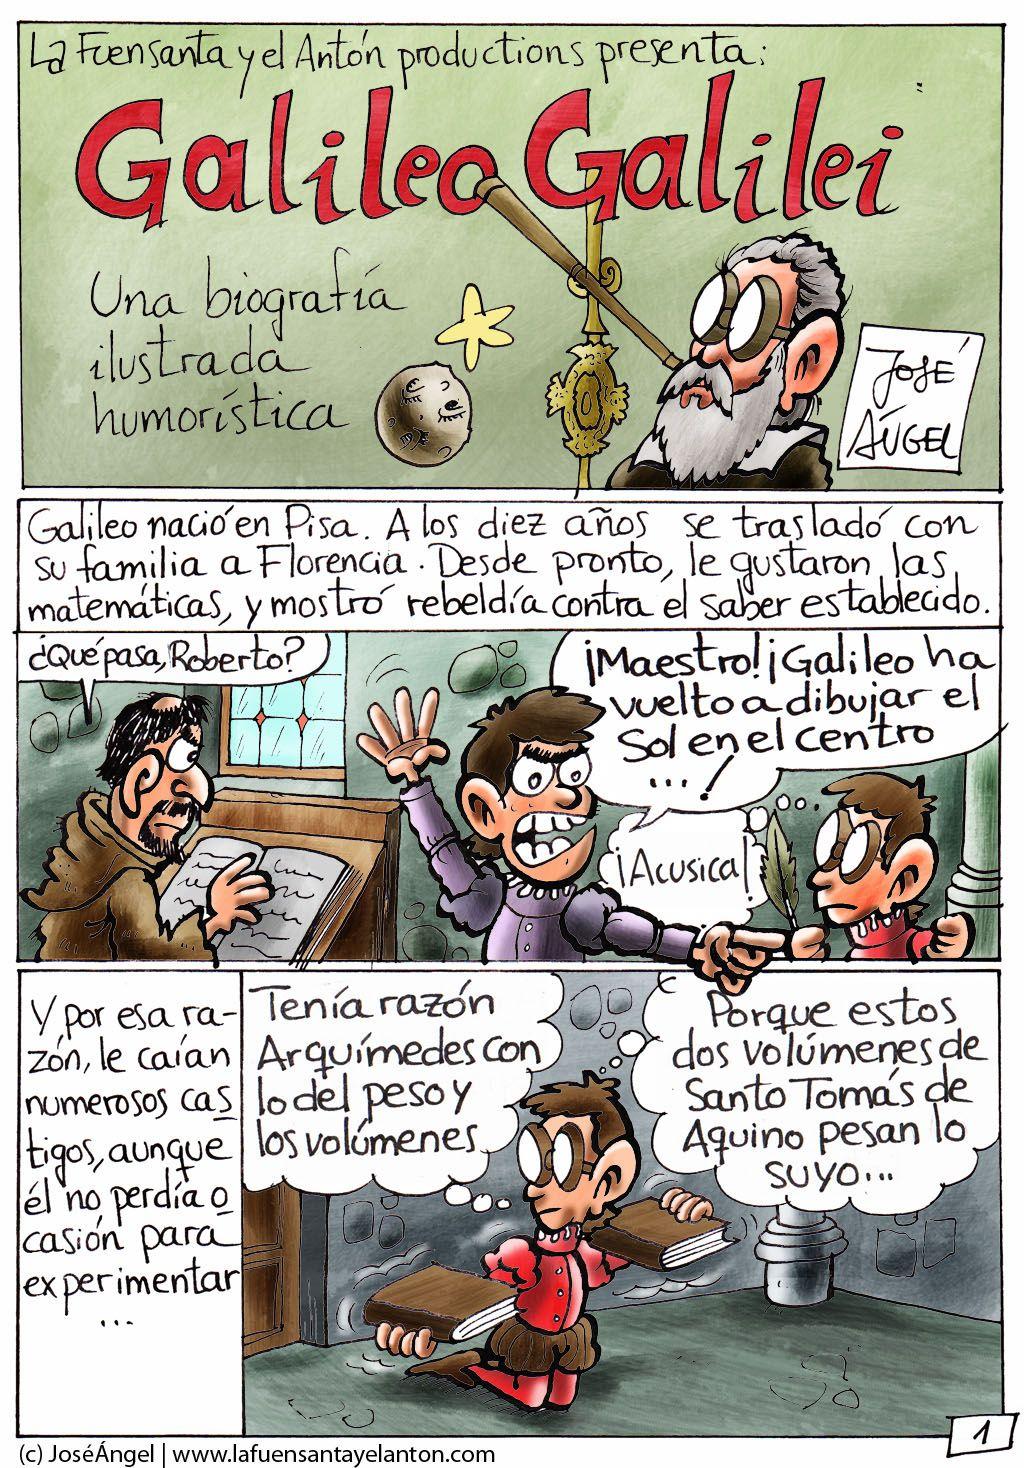 biografa ilustradacon humor de galileo galilei - Tabla Periodica De Los Elementos Quimicos Galilei